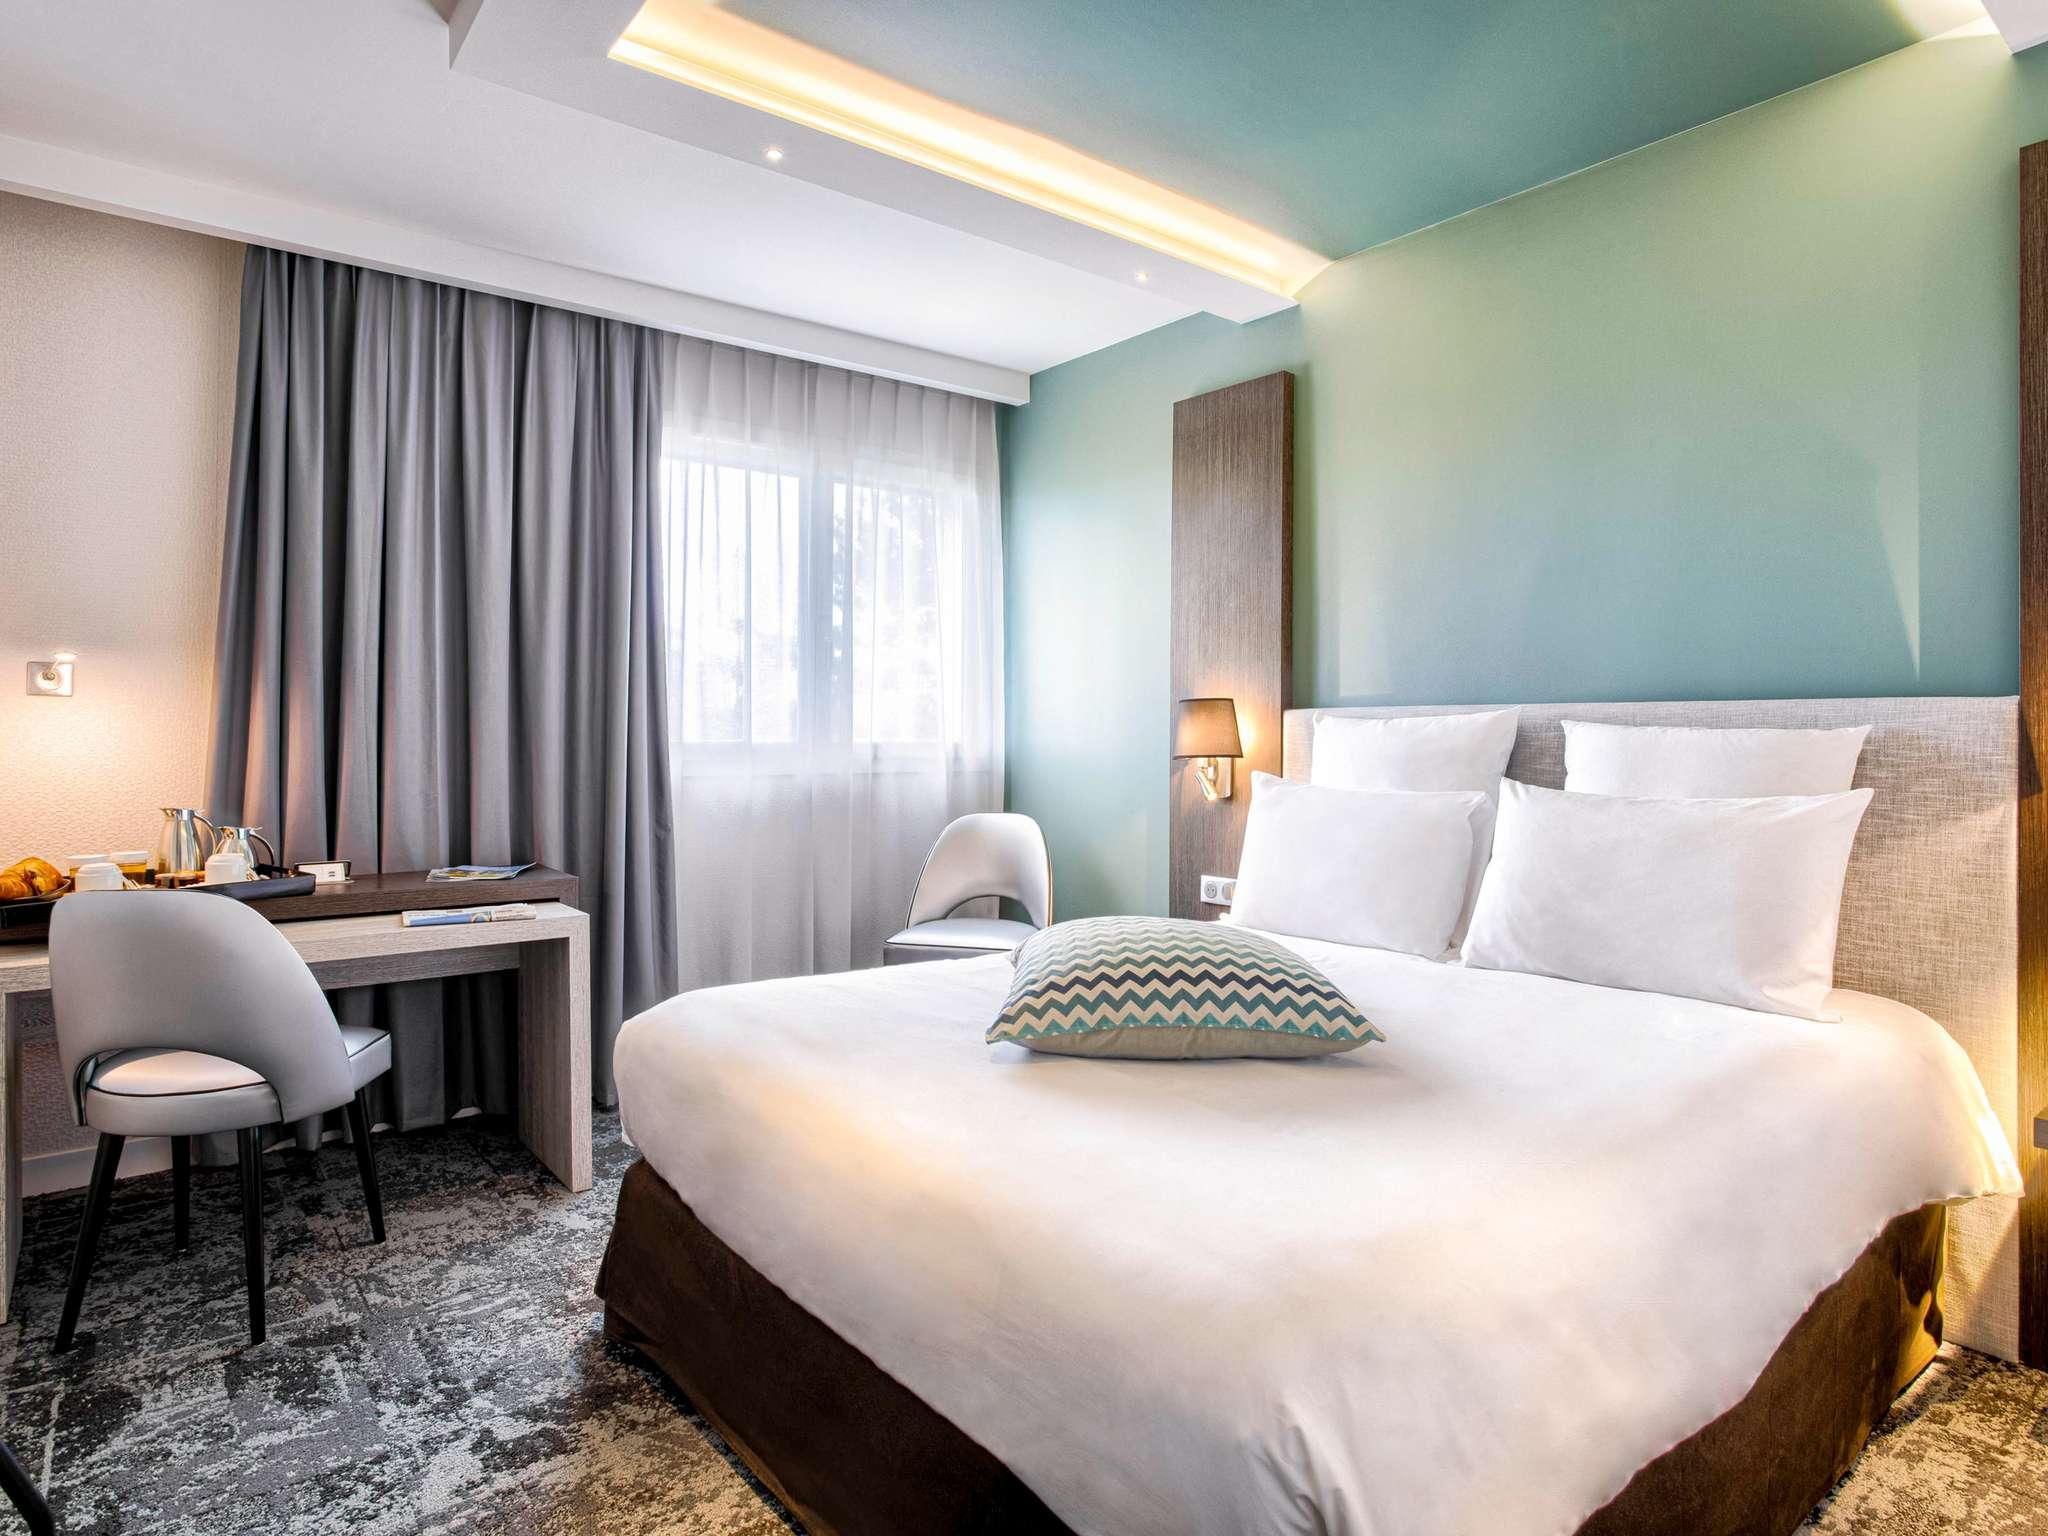 Hôtel - Hôtel Mercure Cabourg Hippodrome